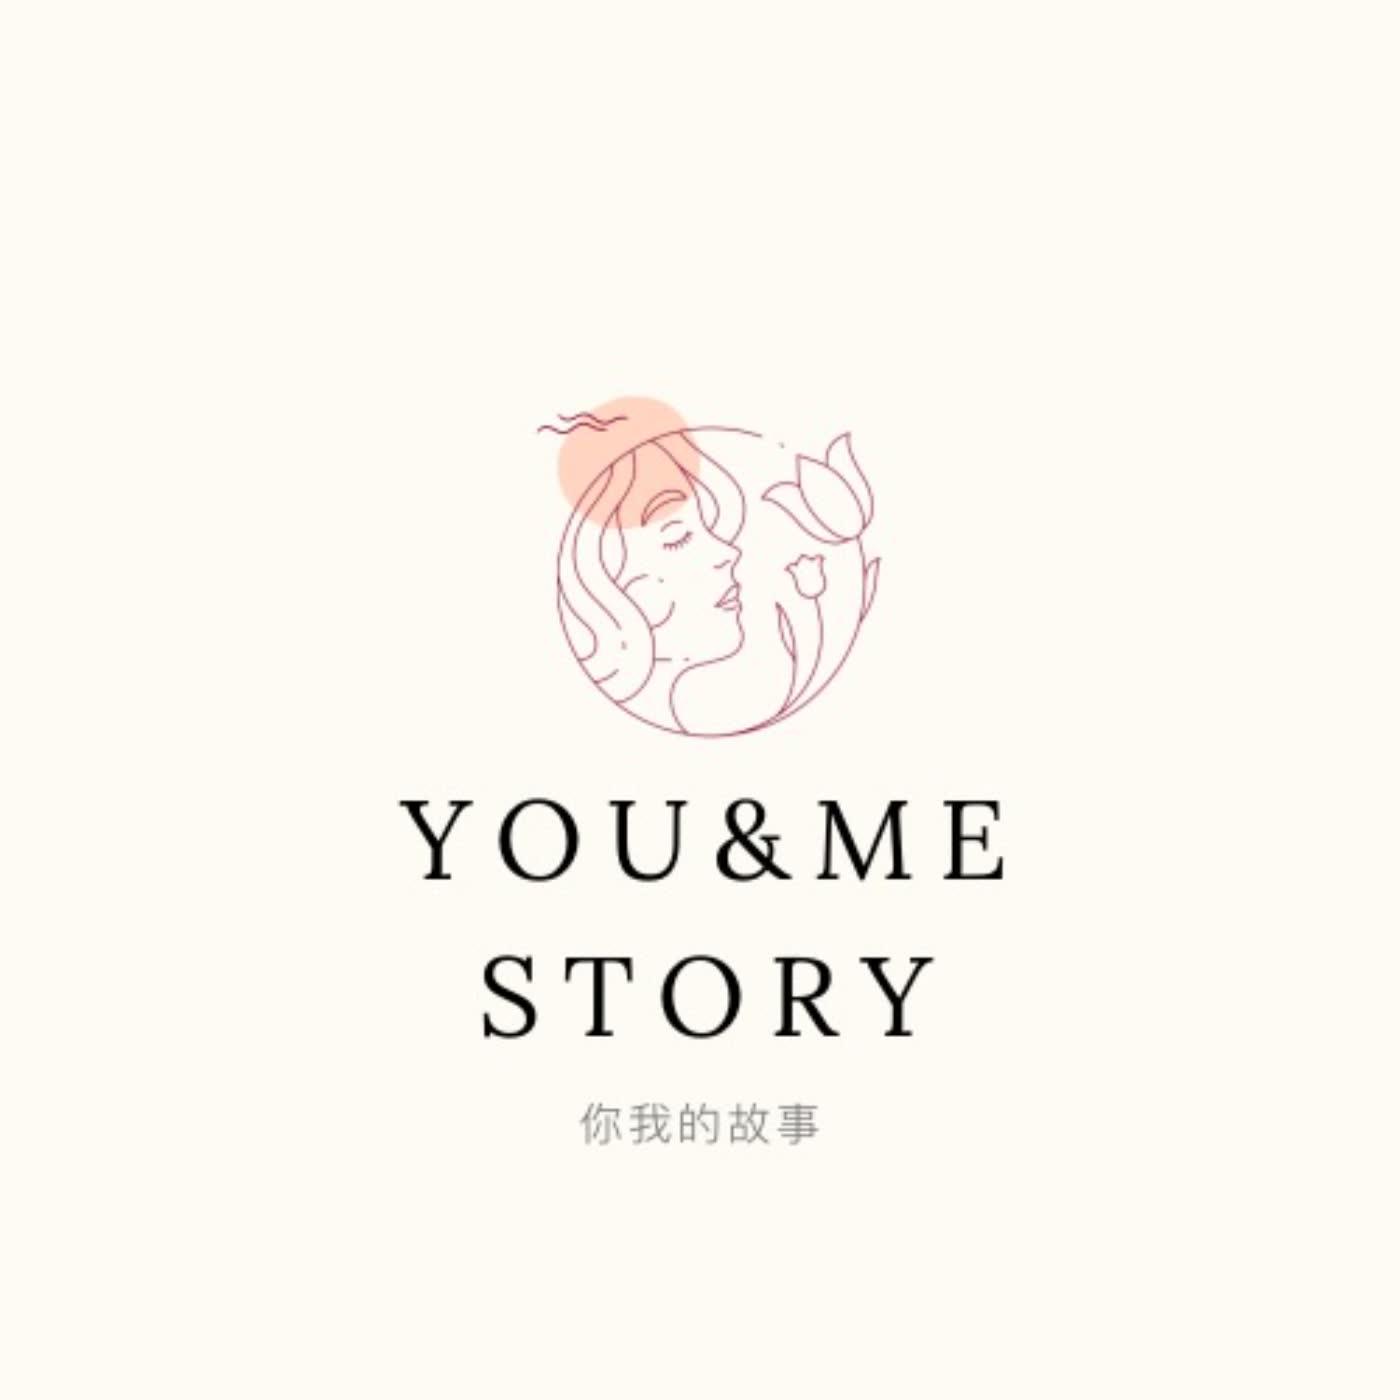 You & Me 你我的故事